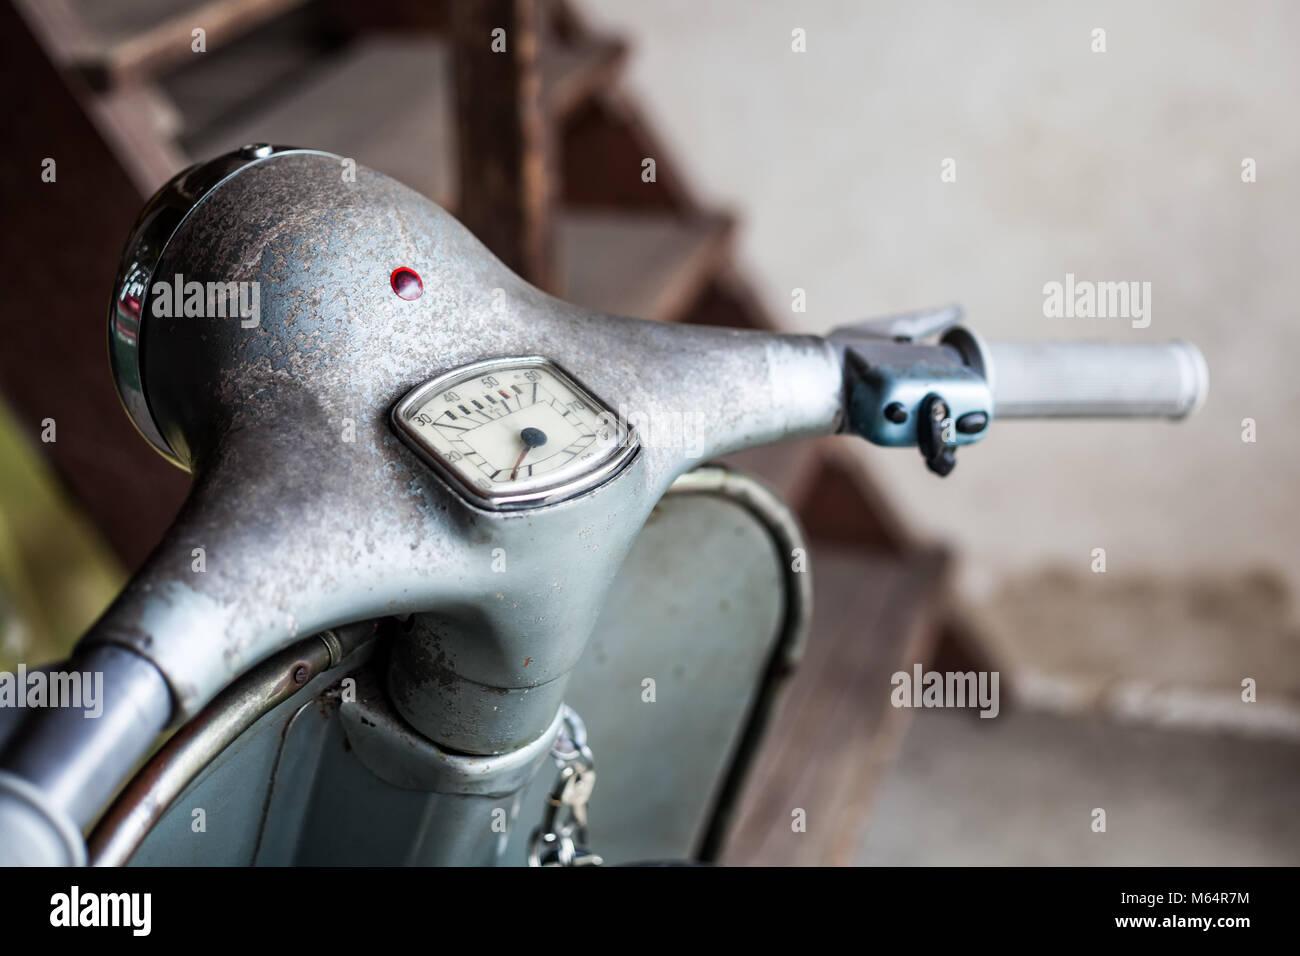 Guidon avec compteur de vitesse et le commutateur de trouver de vieilles grange bleu-gris rouillé, peinture d'origine moto scooter italien Banque D'Images